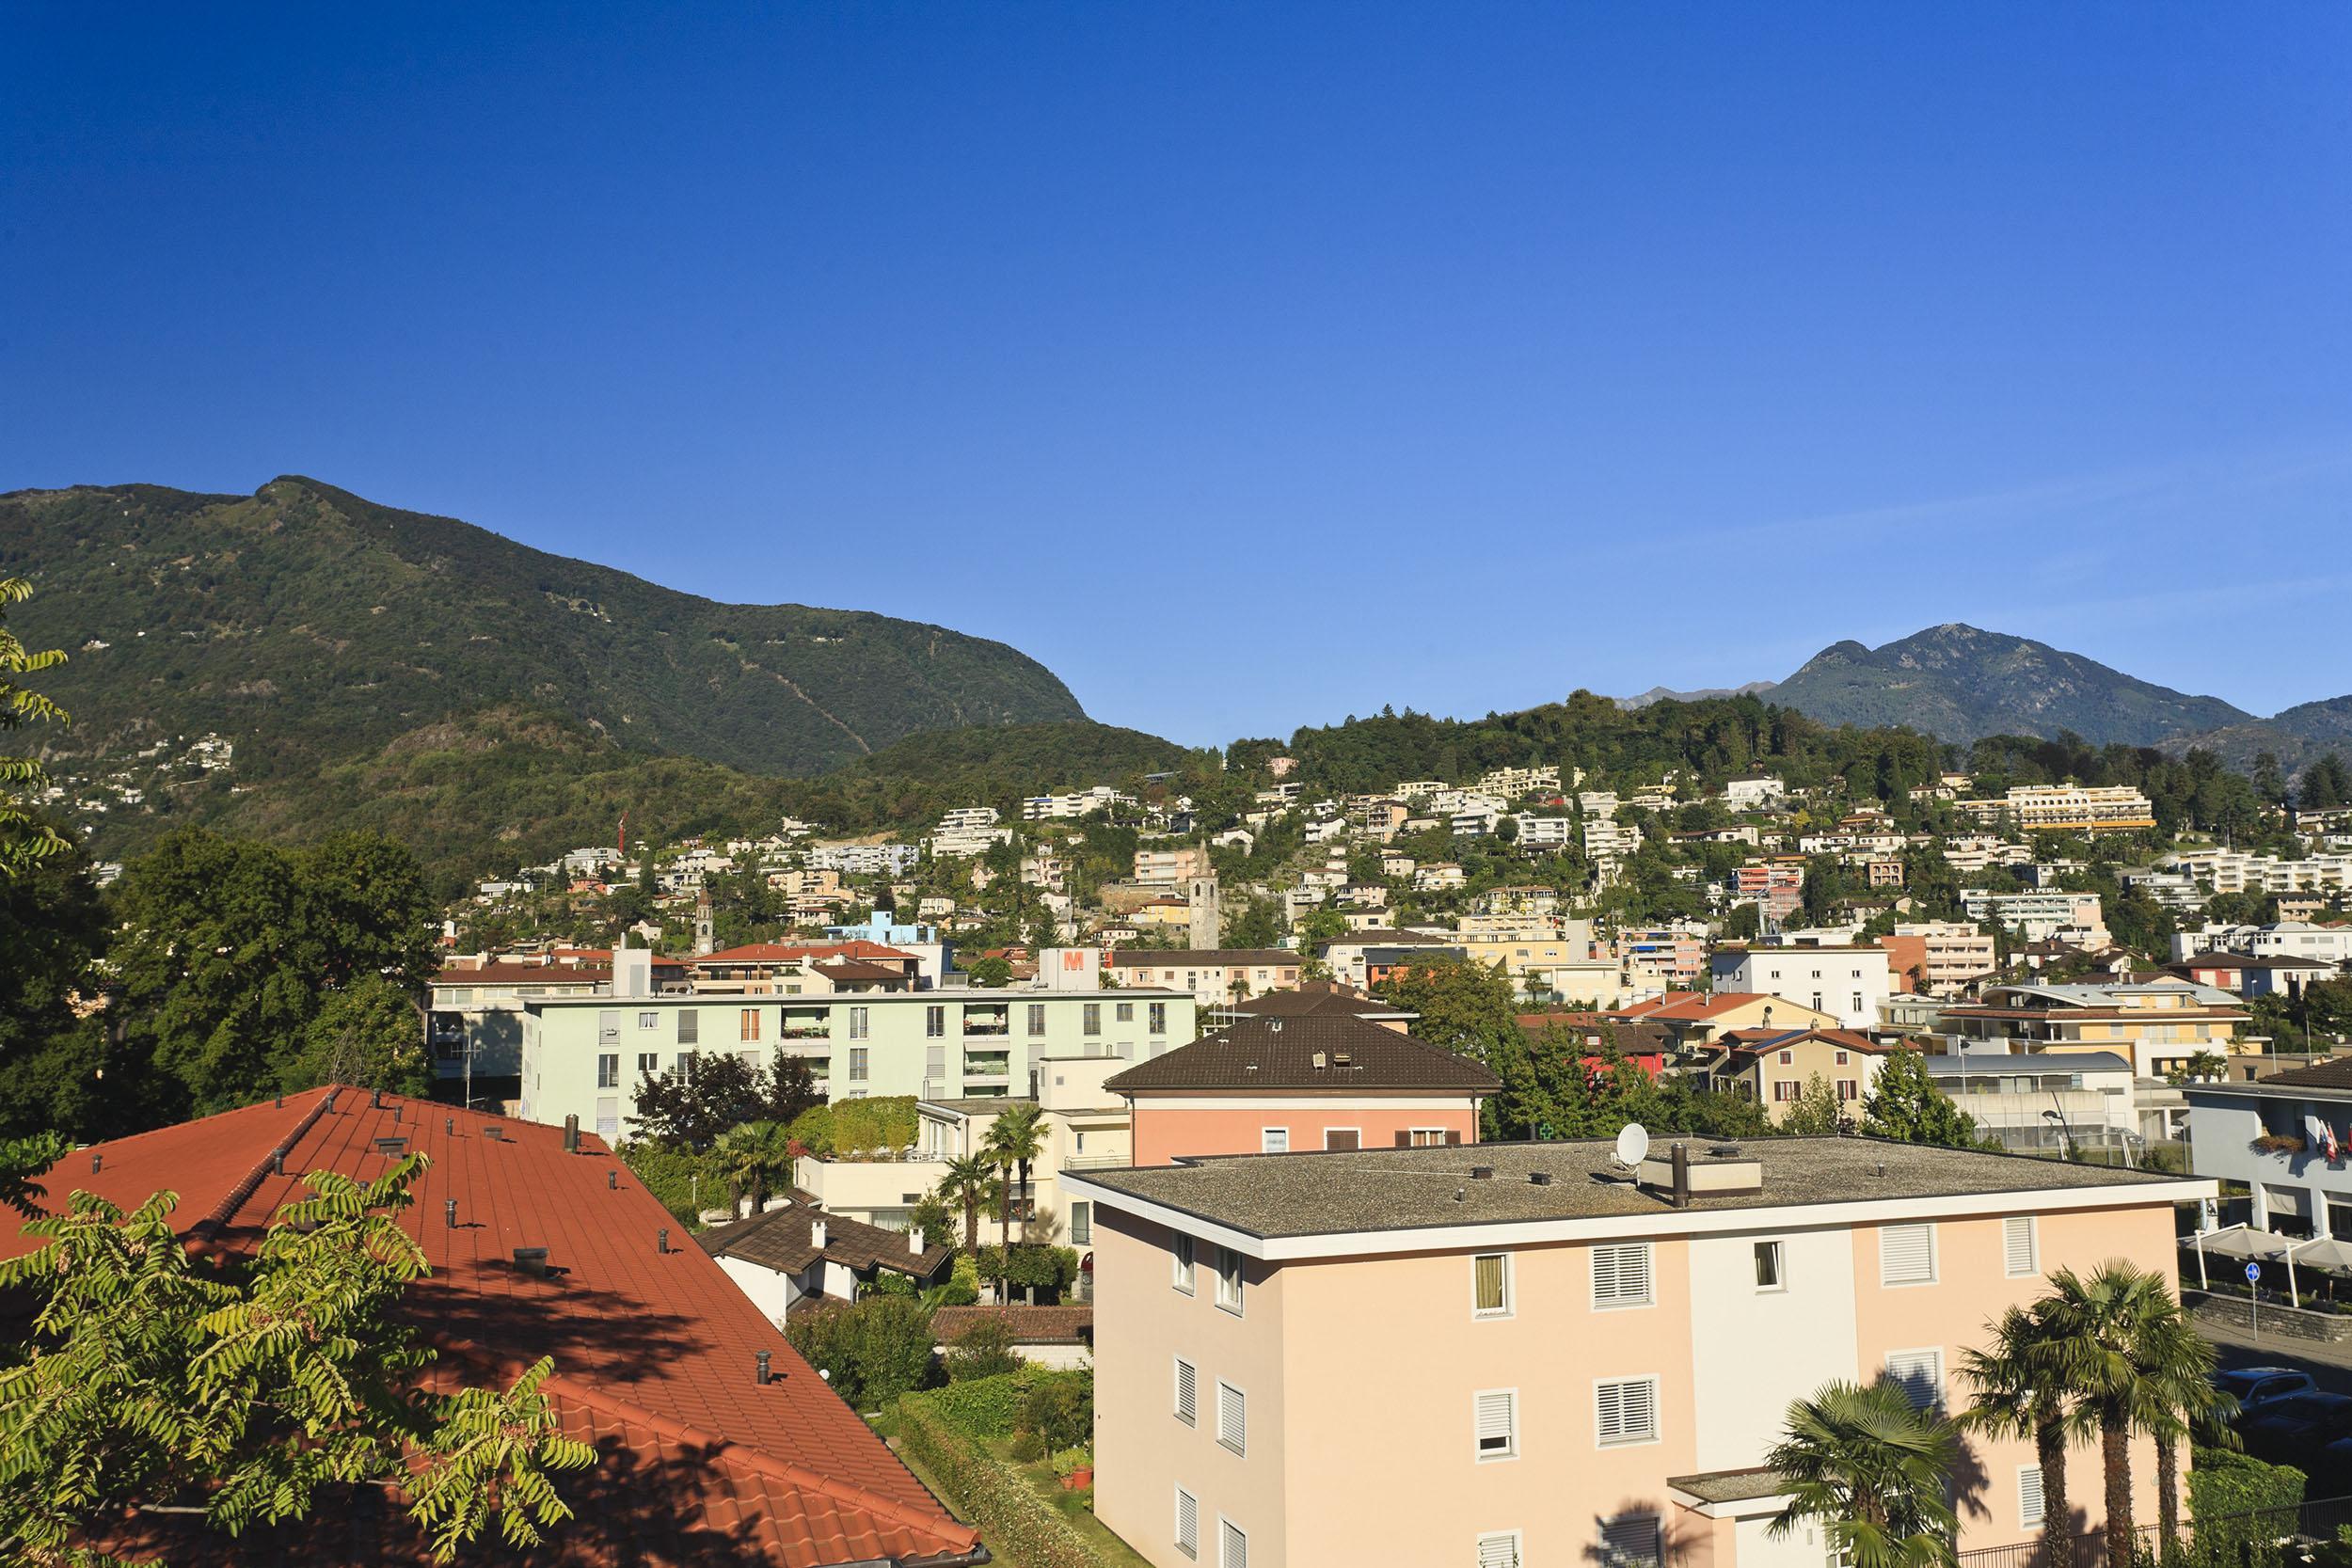 Casa-Michele-Ascona-09